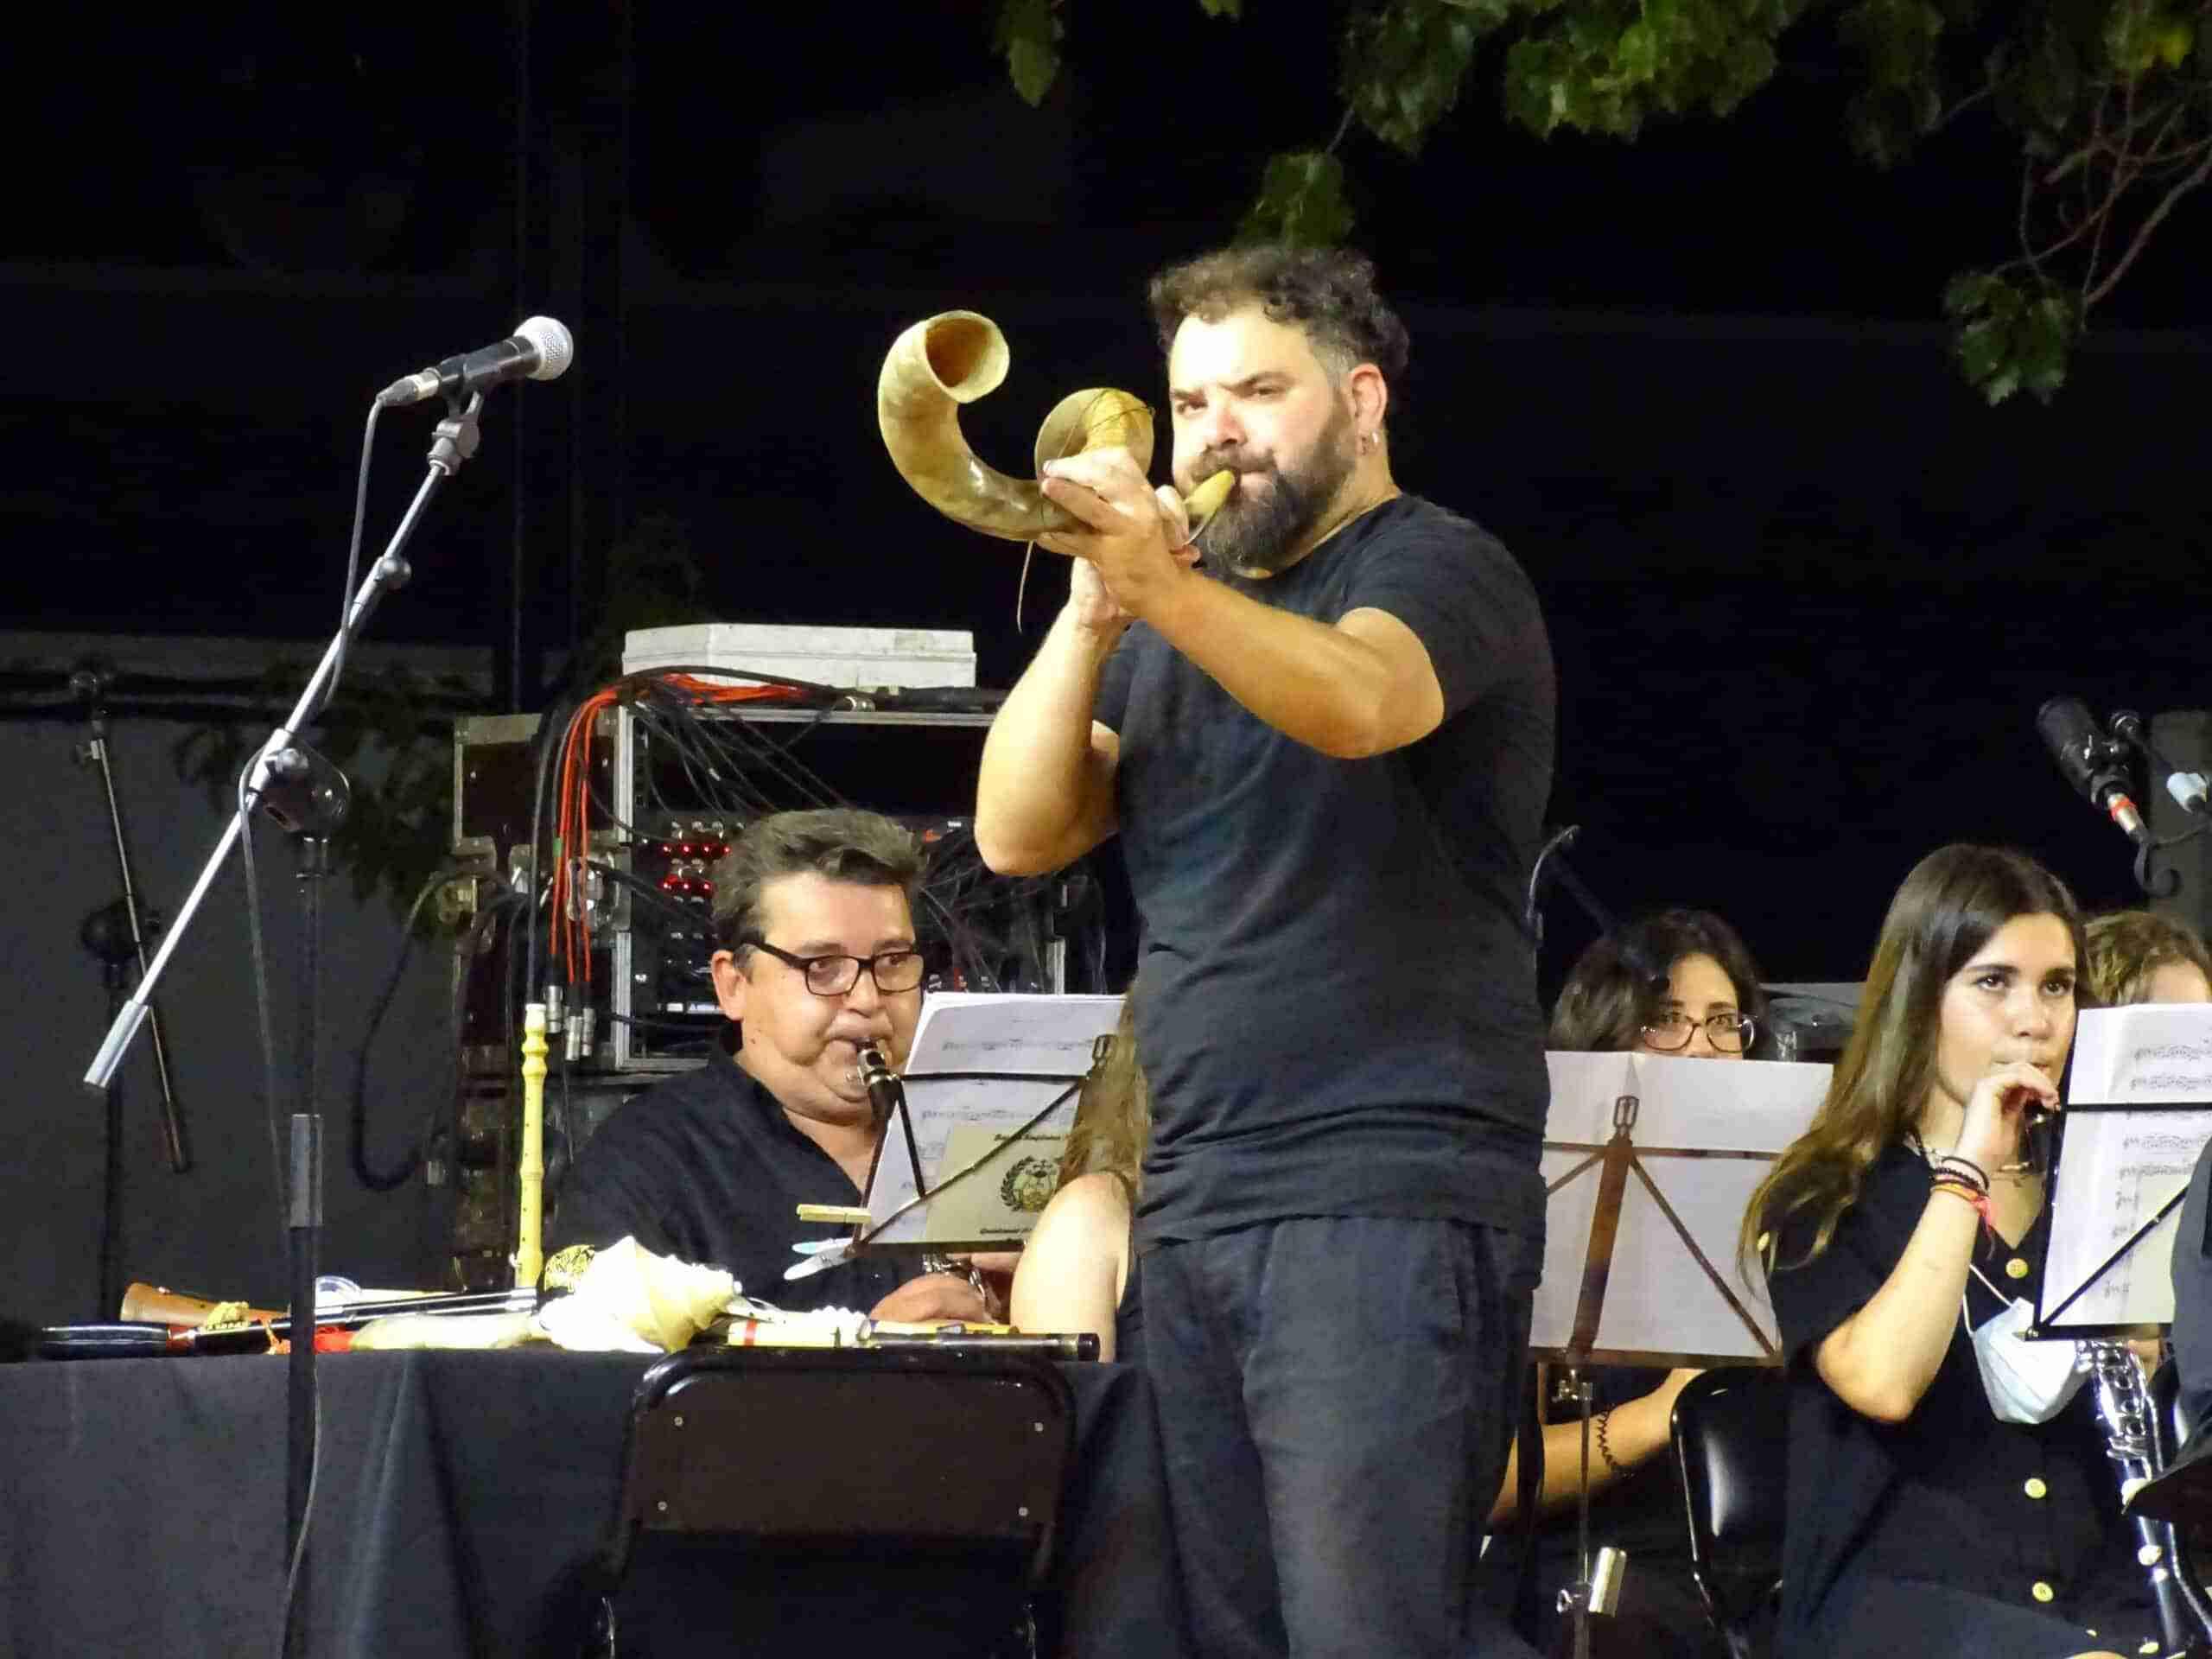 Magistral concierto de la Banda Sinfónica Municipal y el multiinstrumentista Abraham Cupeiro para cerrar el Festival de Musica 18